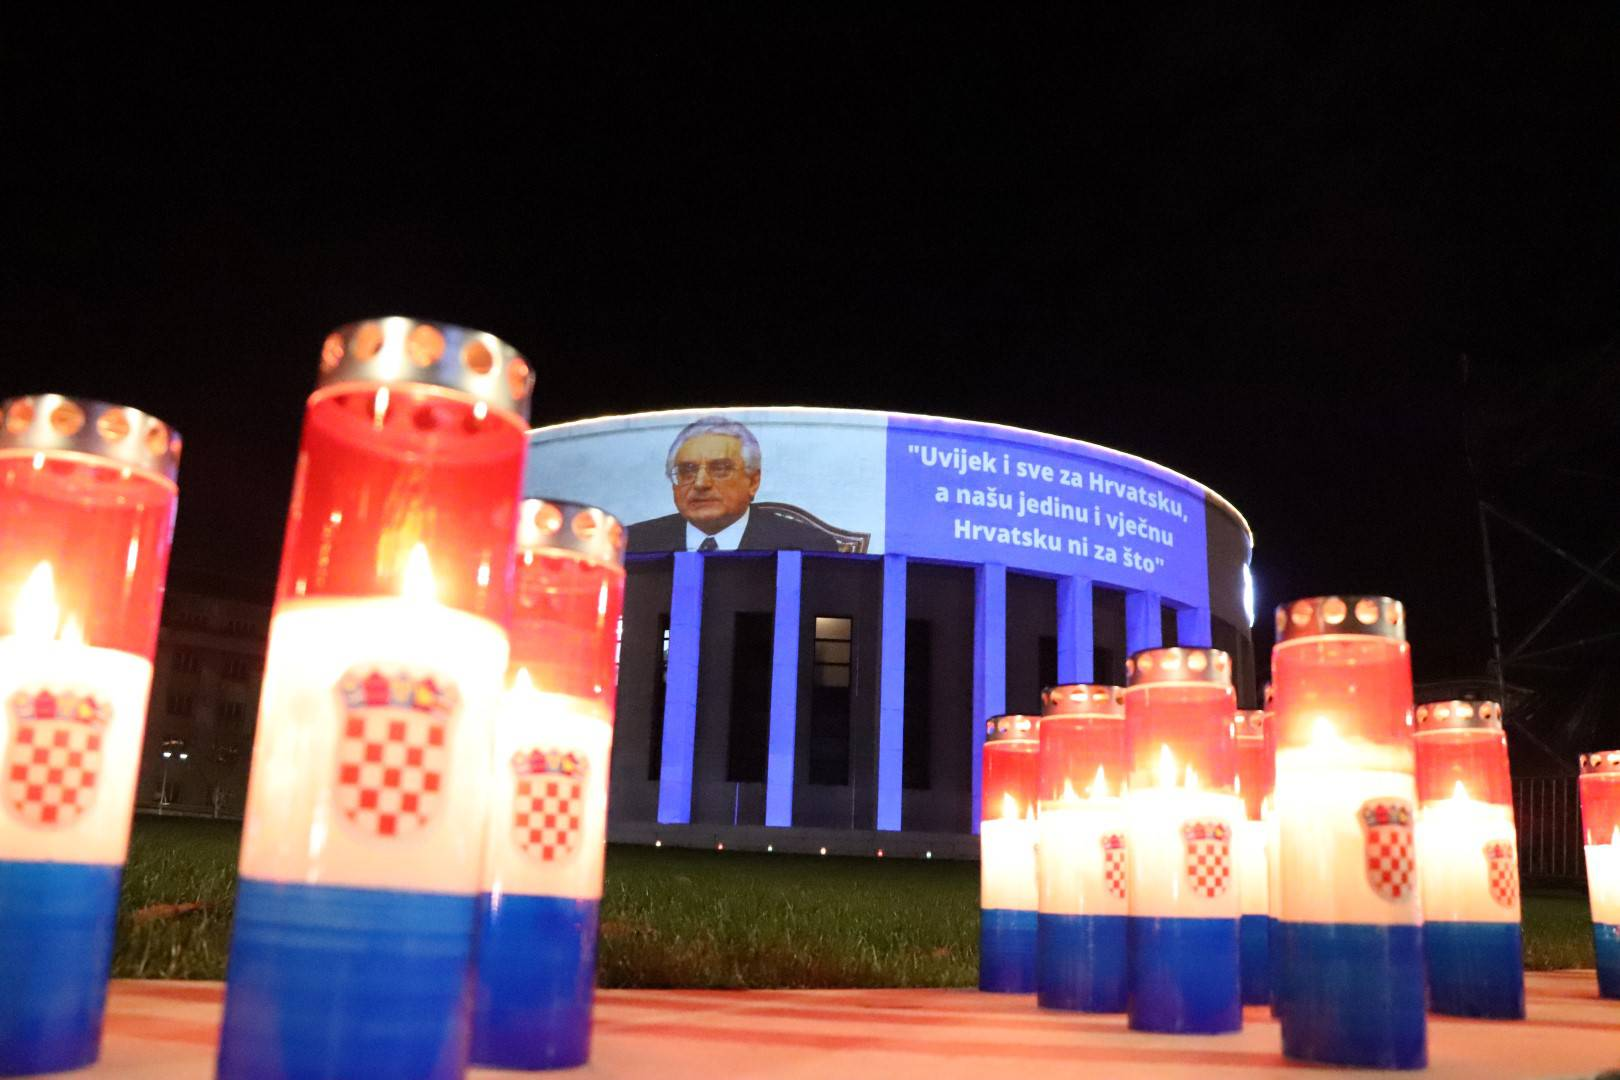 Na Meštrovićev paviljon su projicirali fotografiju Tuđmana